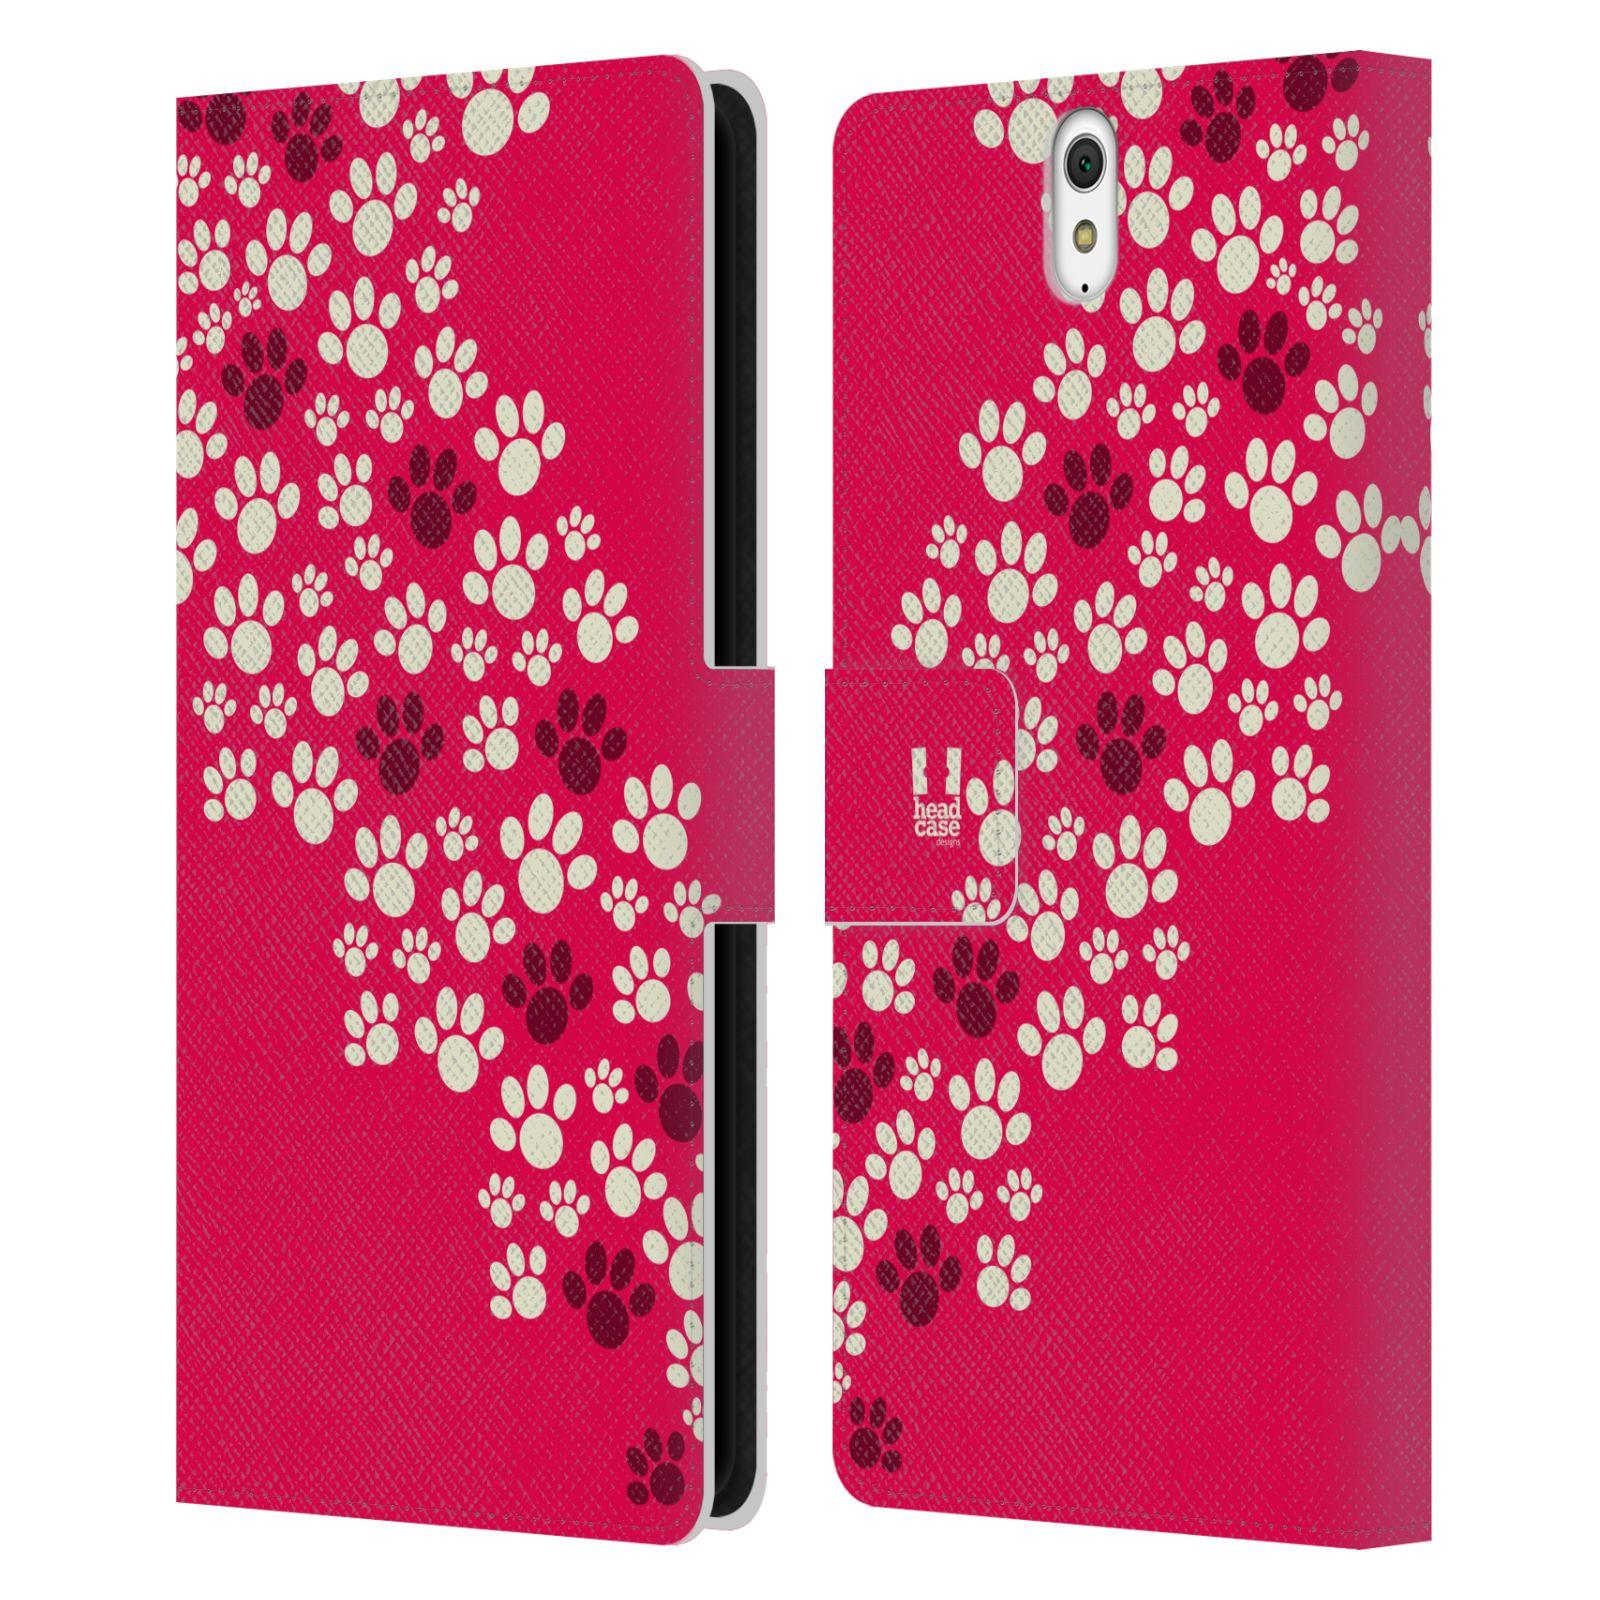 HEAD CASE Flipové pouzdro pro mobil SONY XPERIA C5 Ultra Pejsek ťapky růžová barva